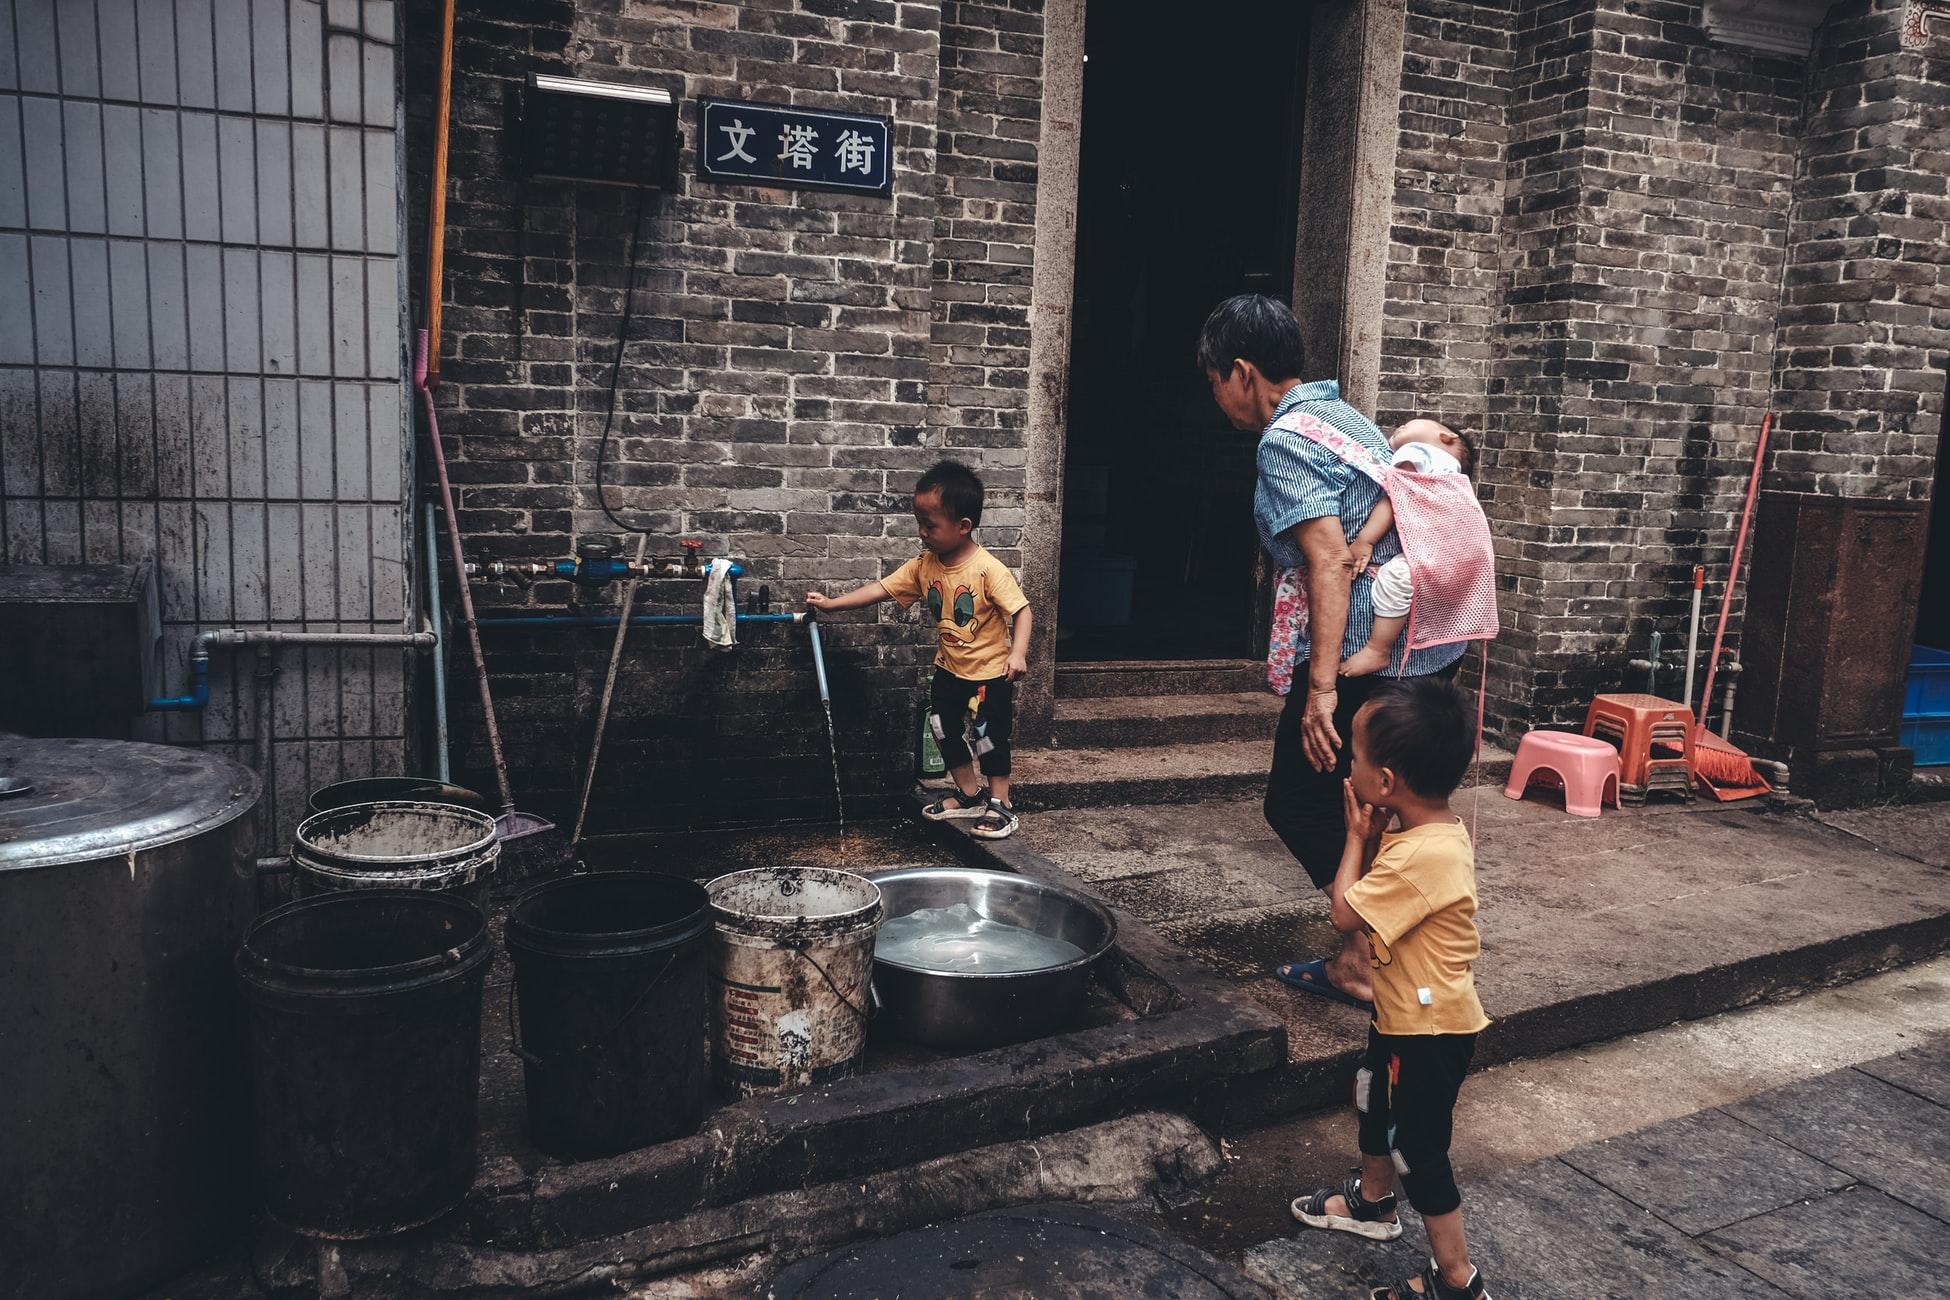 Çindeki Çocukların Yetiştirilme Tarzı